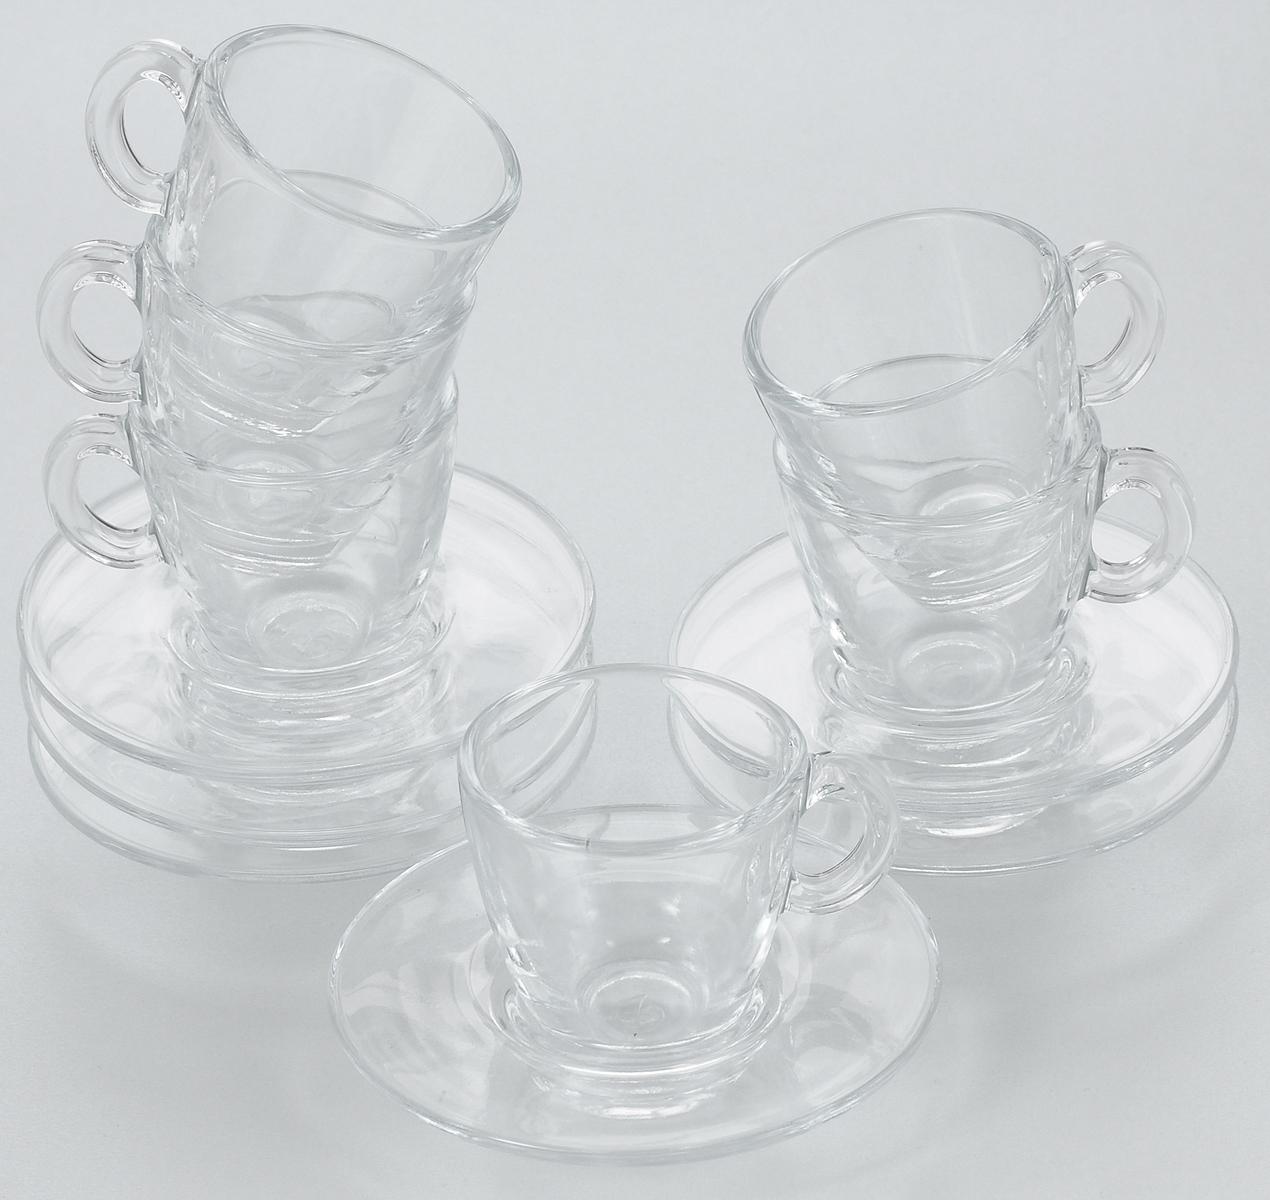 Набор чайный Pasabahce Aqua, 12 предметов. 95756BT95756BTЧайный набор Pasabahce Aqua состоит из шести чашек и шести блюдец. Предметы набора изготовлены из прочного натрий-кальций-силикатного стекла. Изящный чайный набор великолепно украсит стол к чаепитию и порадует вас и ваших гостей ярким дизайном и качеством исполнения.Диаметр чашки: 5,8 см. Диаметр блюдца: 10,2 см.